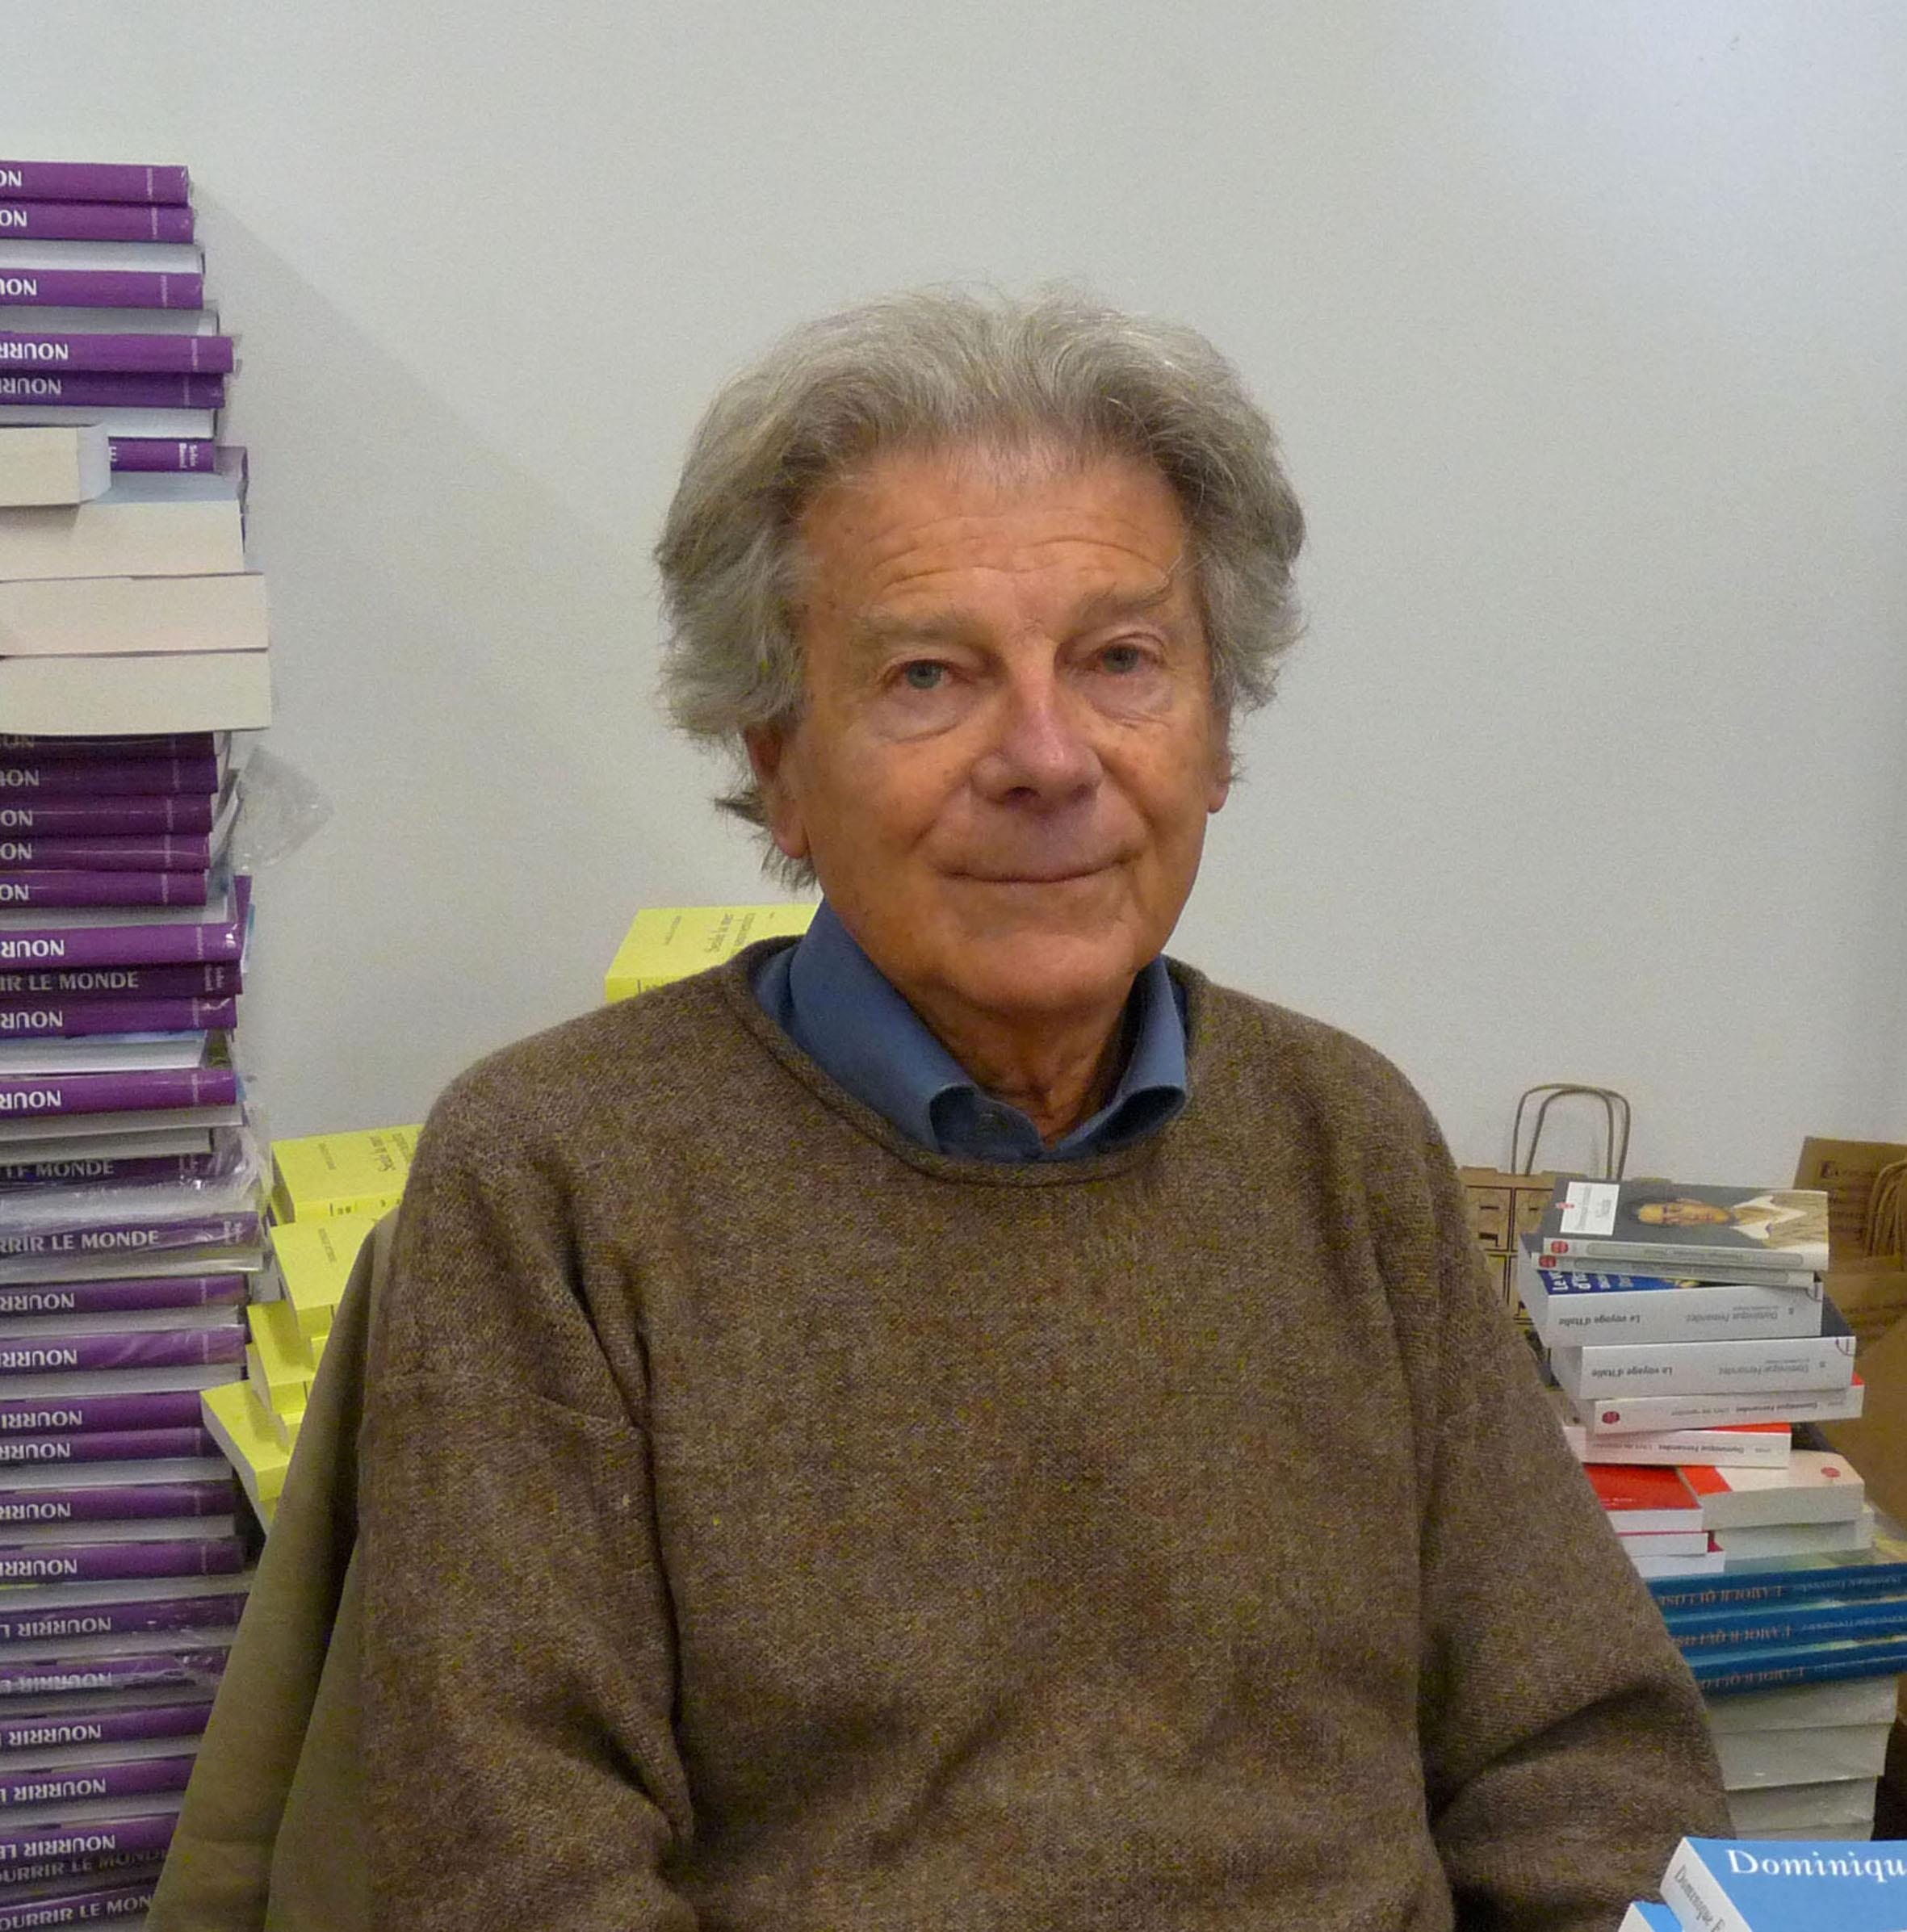 Retrato de Dominique Fernandez, hombre mayor de cabello cano